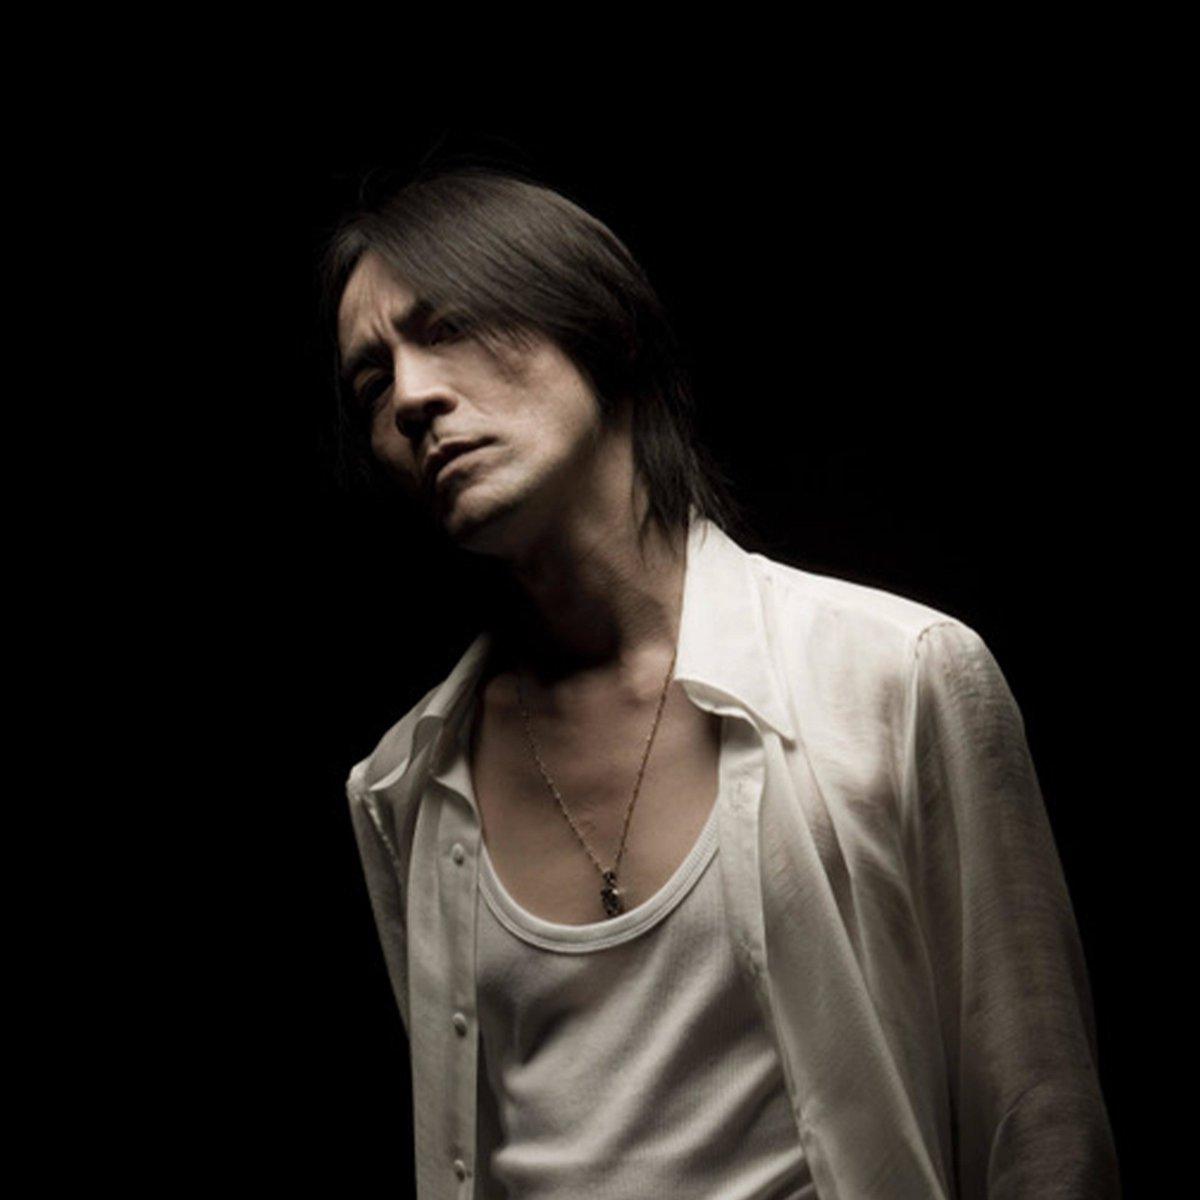 #氷室京介 さん、 ソロデビュー32周年💐💐💐 おめでとうございます  本日、氷室京介ソロ全373曲がサブスク解禁❤️❤️❤️❤️❤️ Deezerでチェック🎧  ▶️  @HIMURO_COM